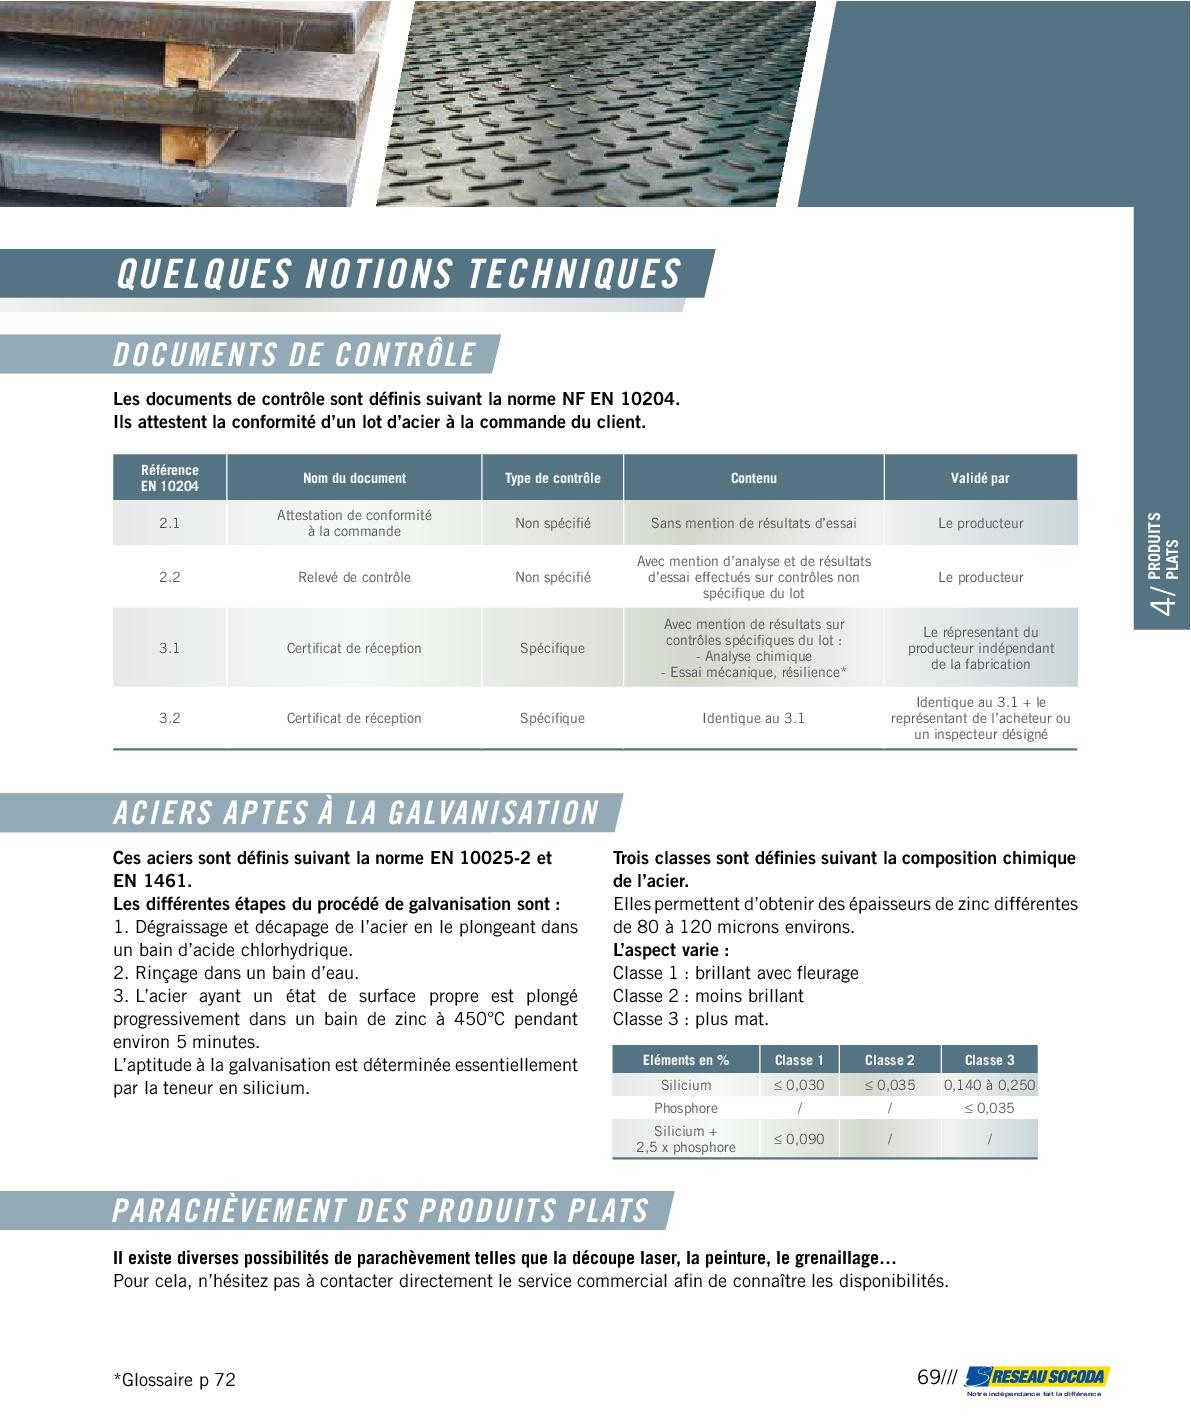 catalogue-069